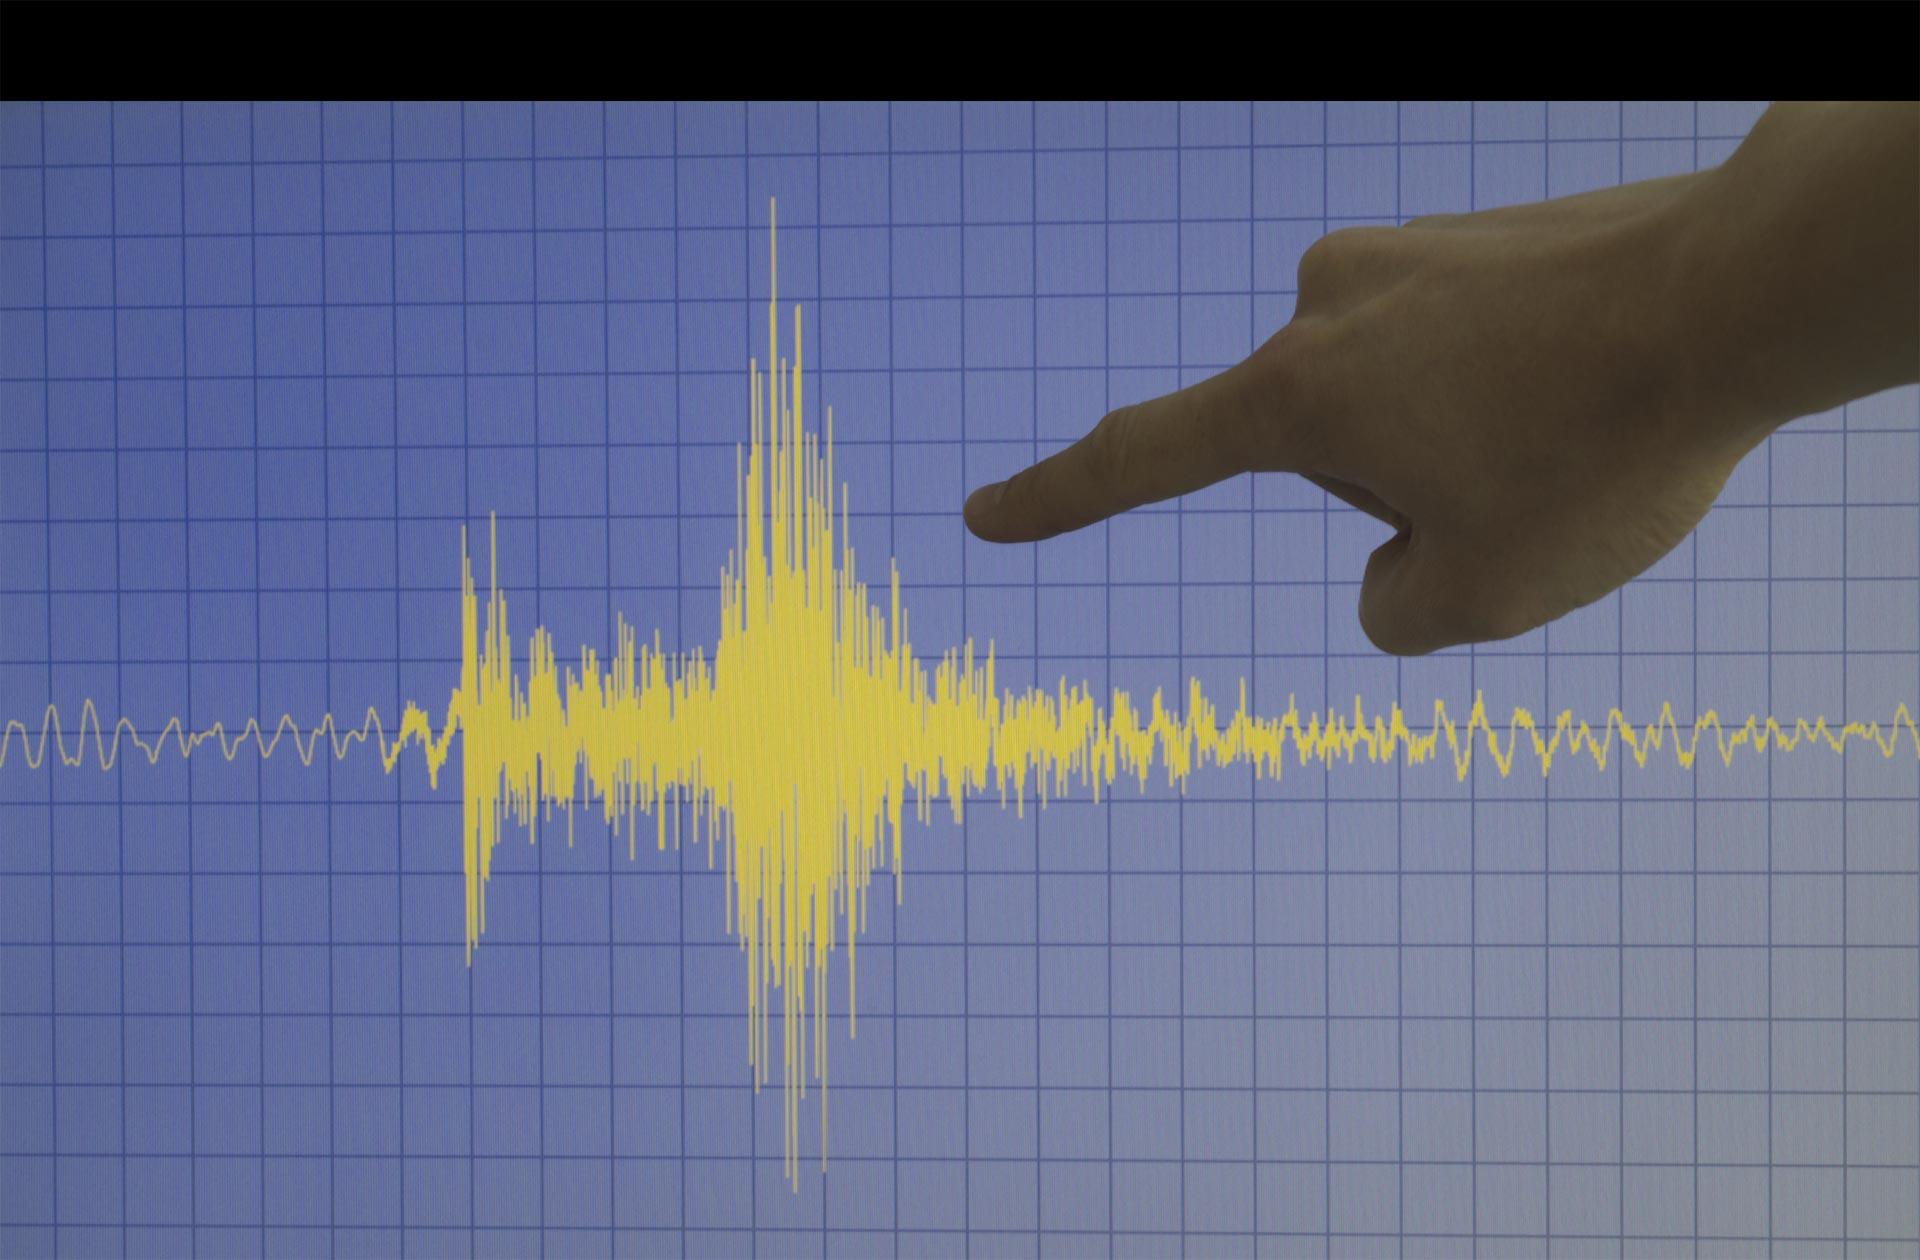 El Servicio Hidrográfico y Oceanográfico de la Armada descartó la probabilidad de tsunami